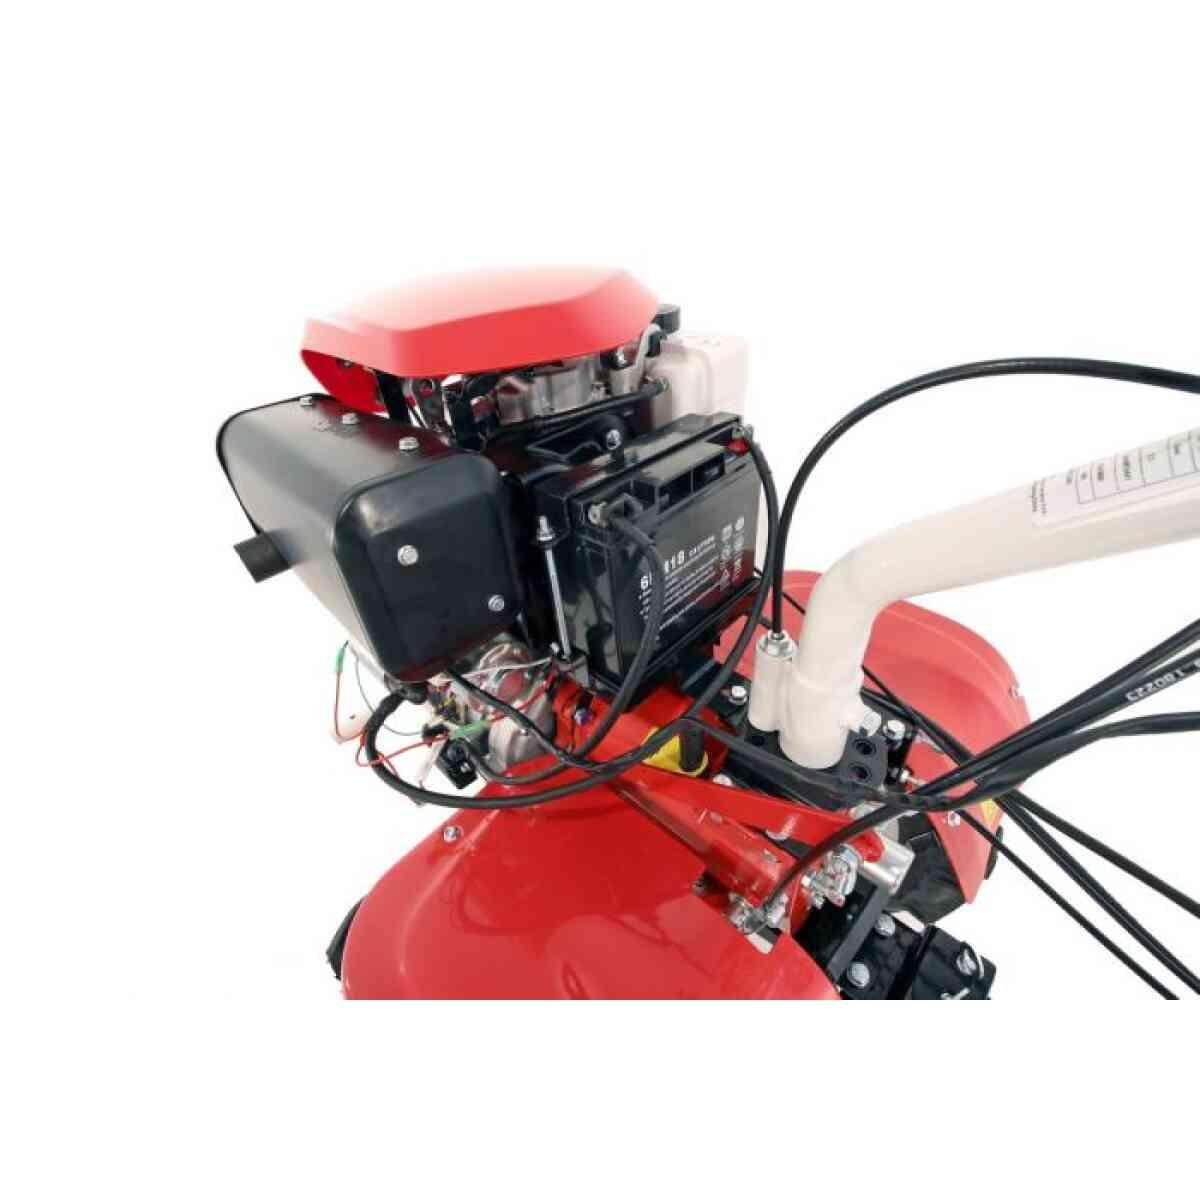 motocultor loncin lc1440 o mac.ro 9 1 1 2